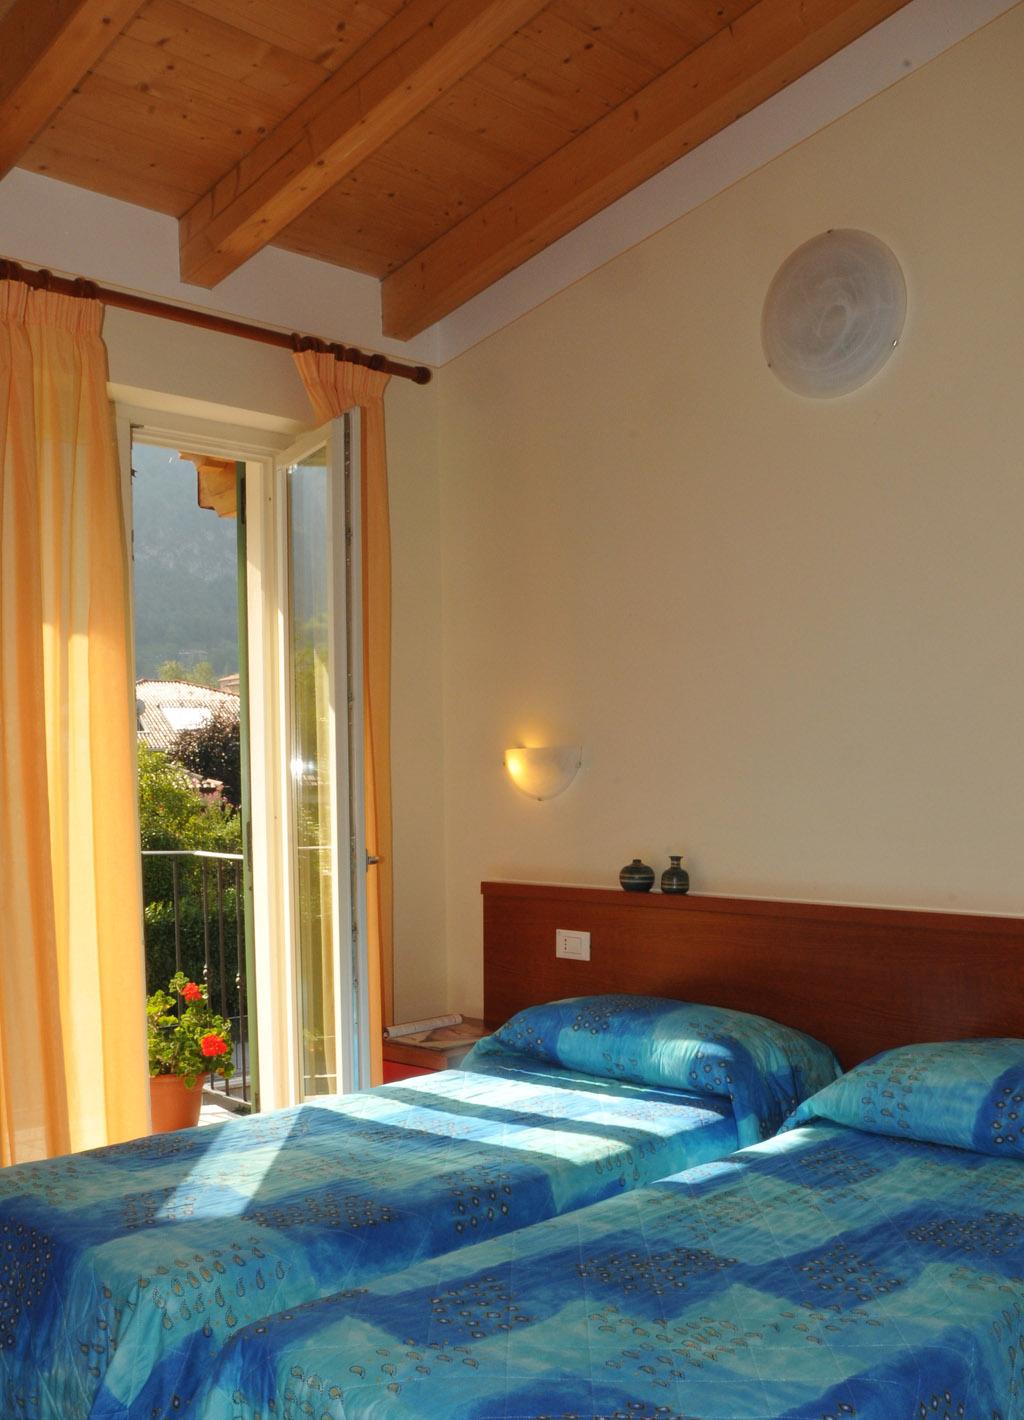 Slaapkamer met twee gescheiden bedden - Residence Vico - Idromeer